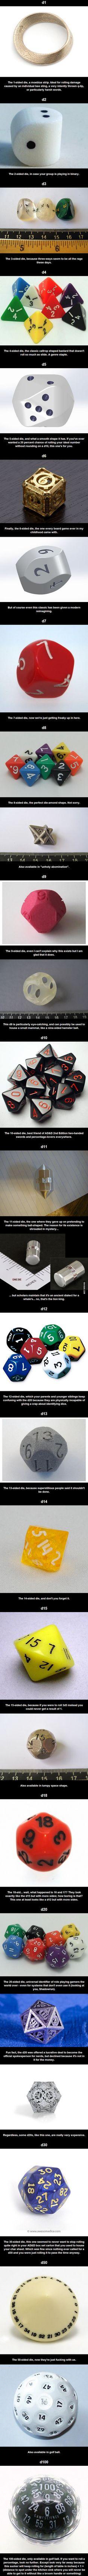 The Wonderful World of dice. -og fordi jeg elsker at smadre pinterest med kilometerlange pins :)